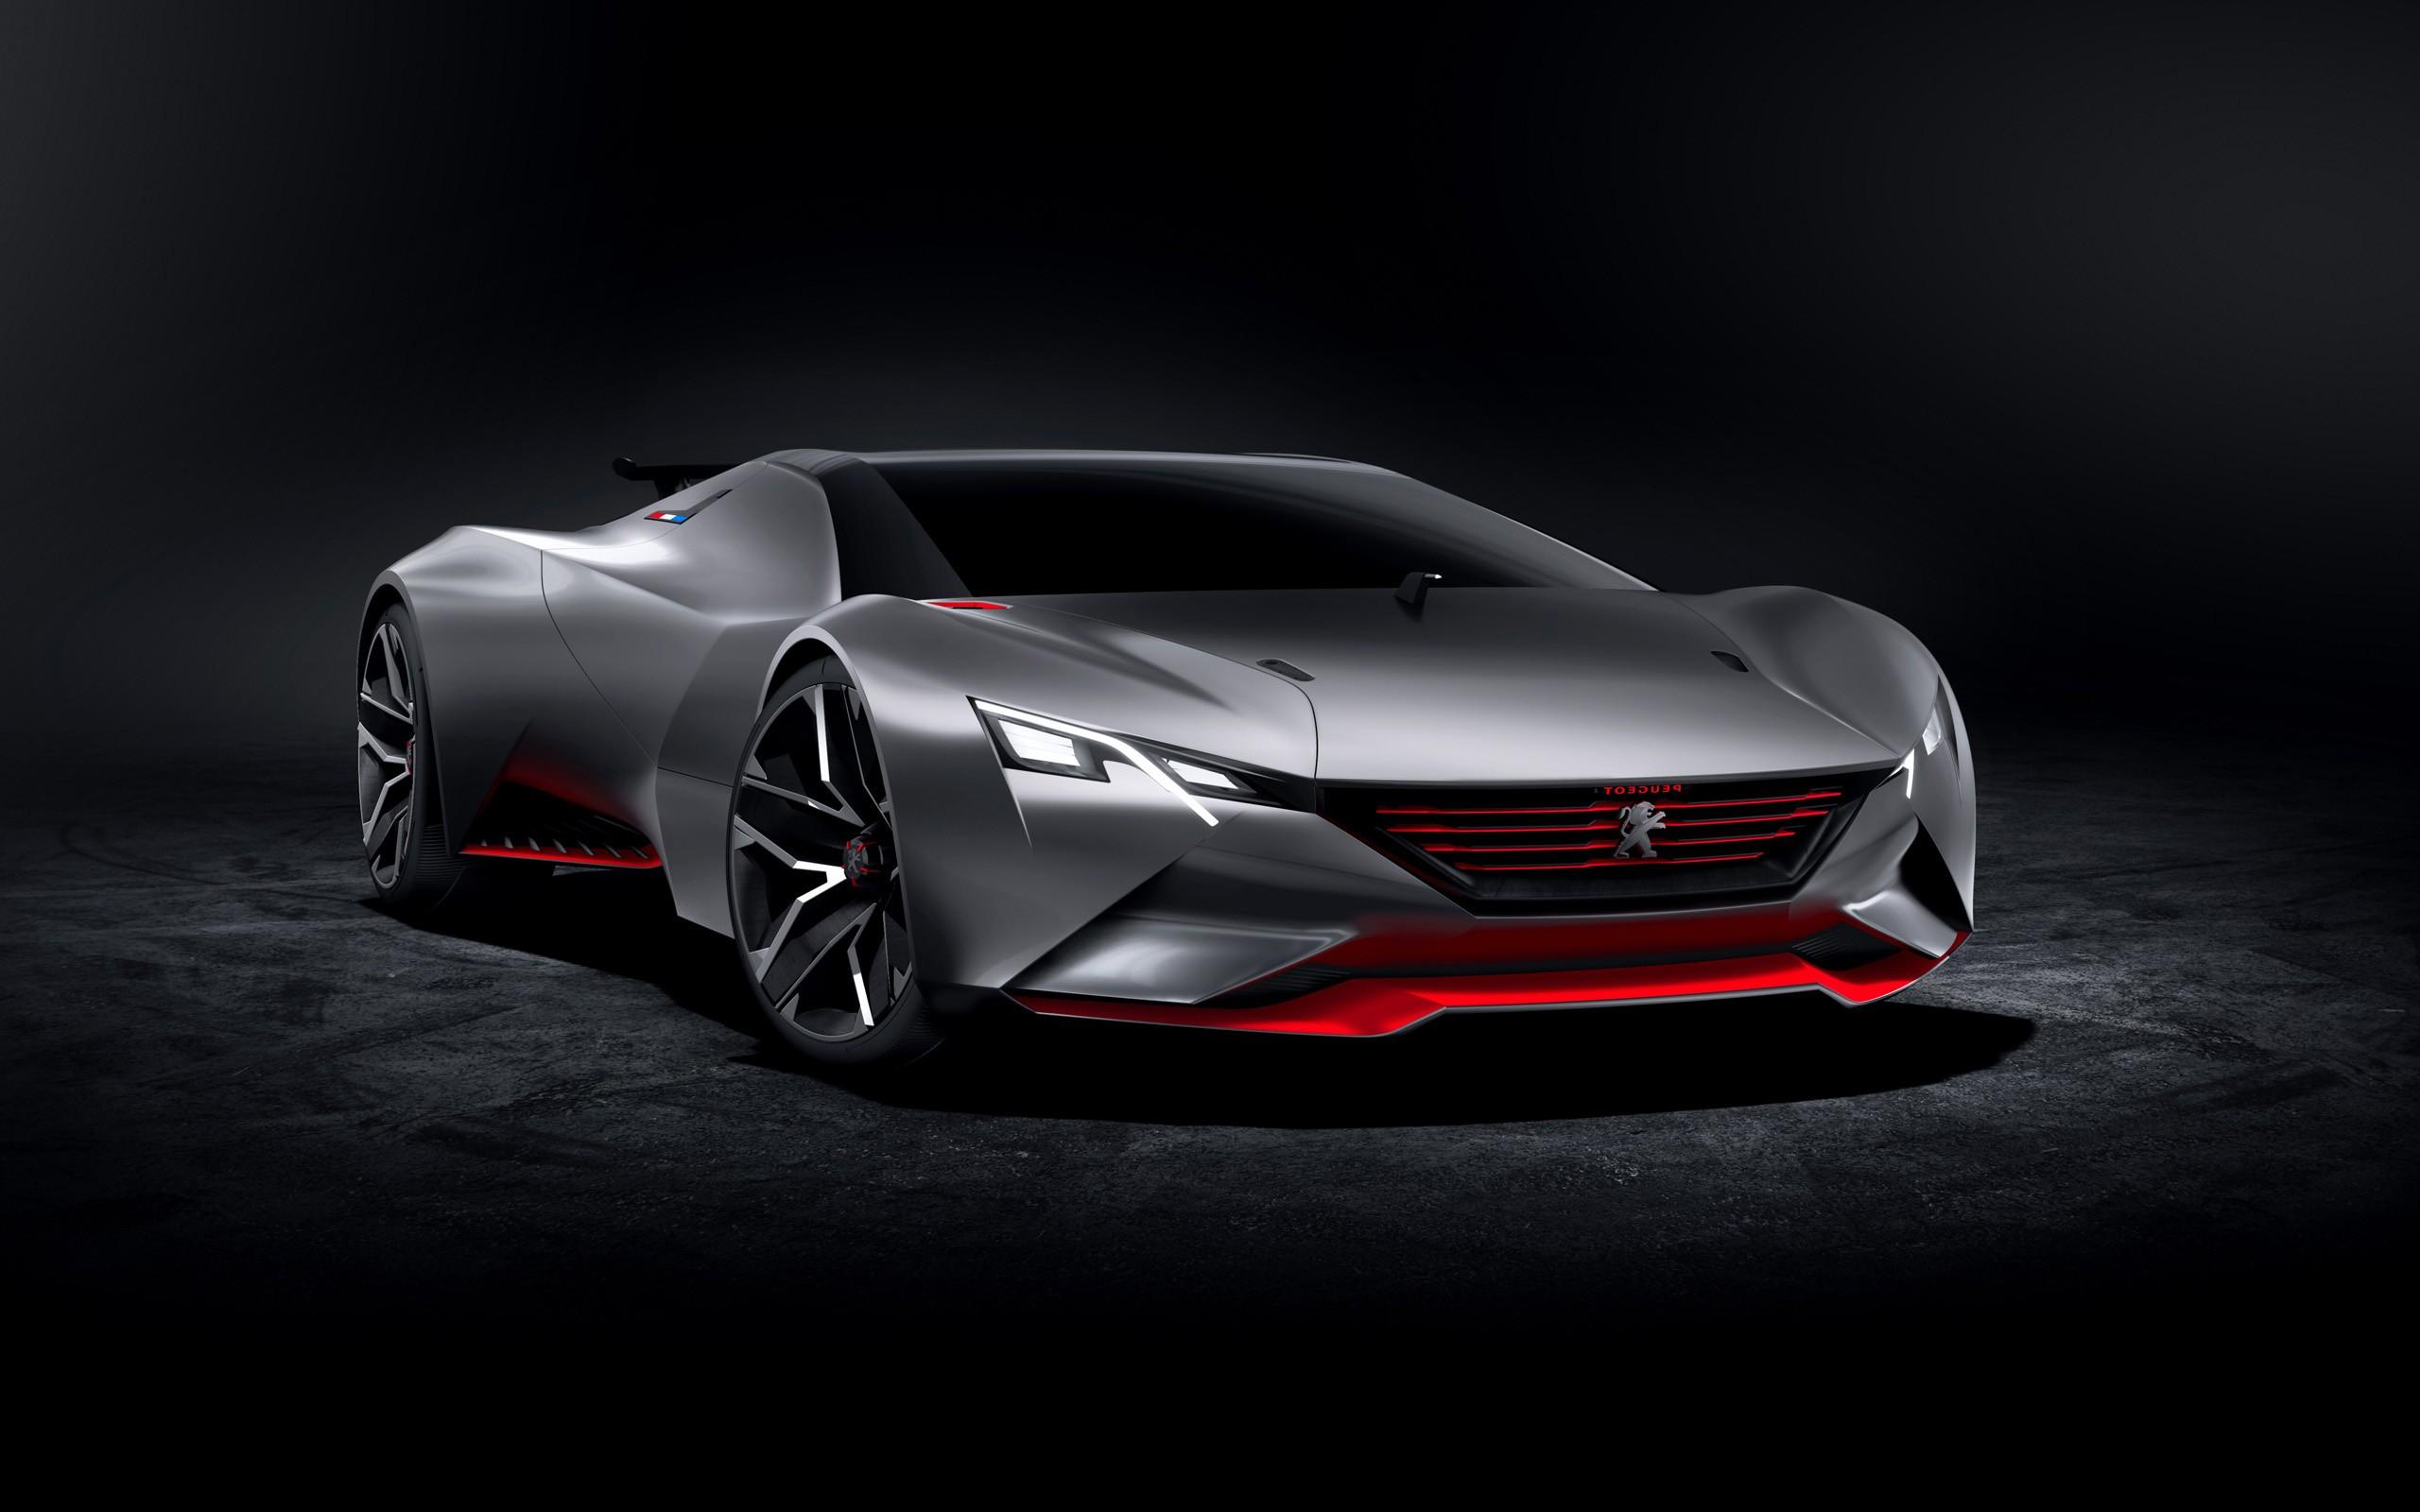 Gran Turismo Wallpaper Hd: Peugeot Vision Gran Turismo 2, HD Cars, 4k Wallpapers